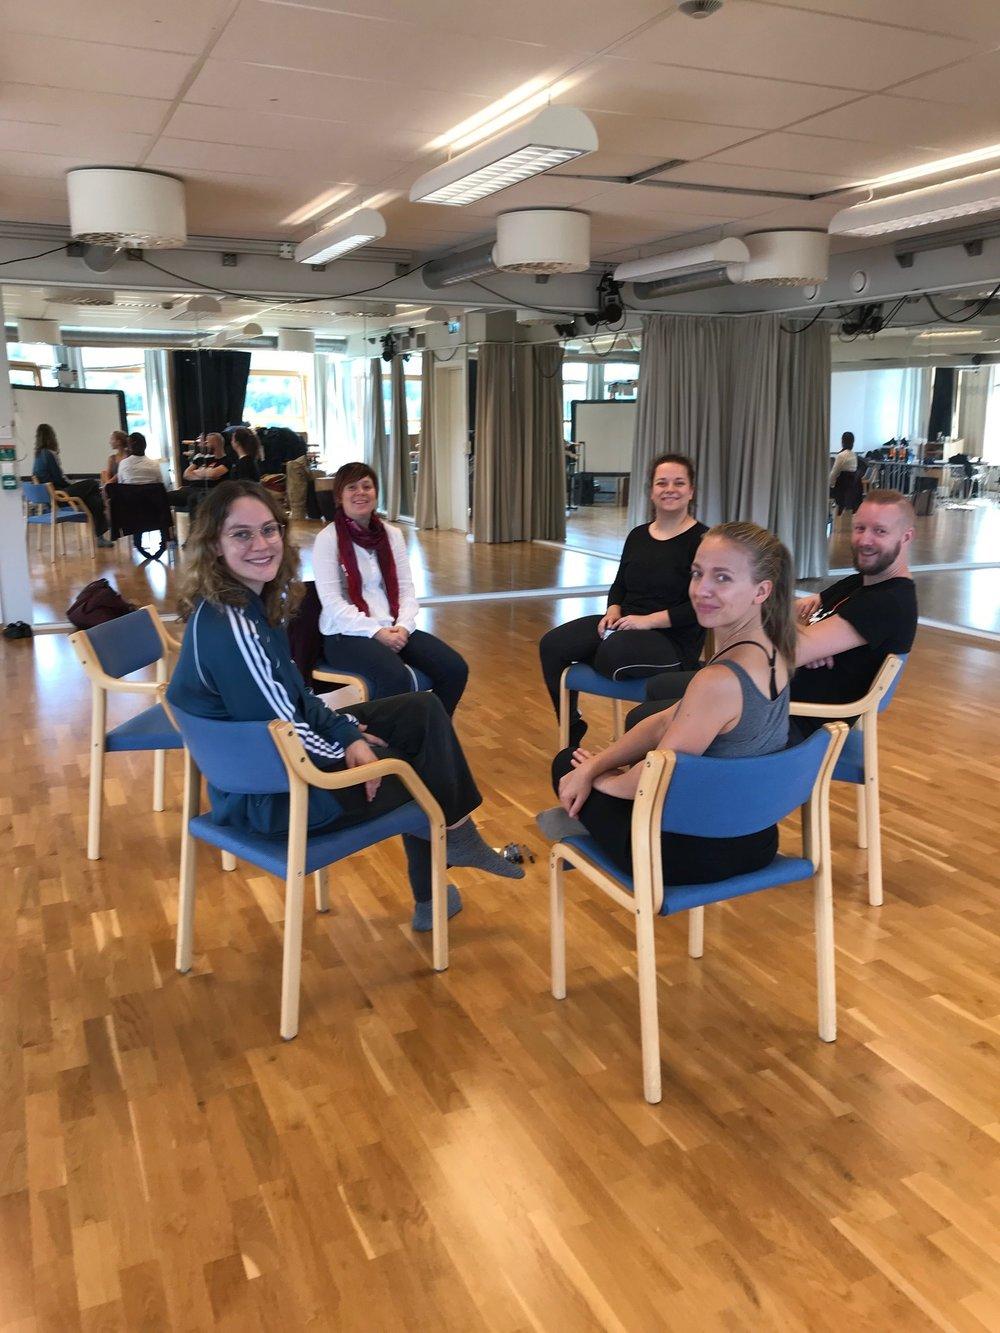 Fra venstre: Dina, Siri, Elisabeth, Sigurd og Tuva